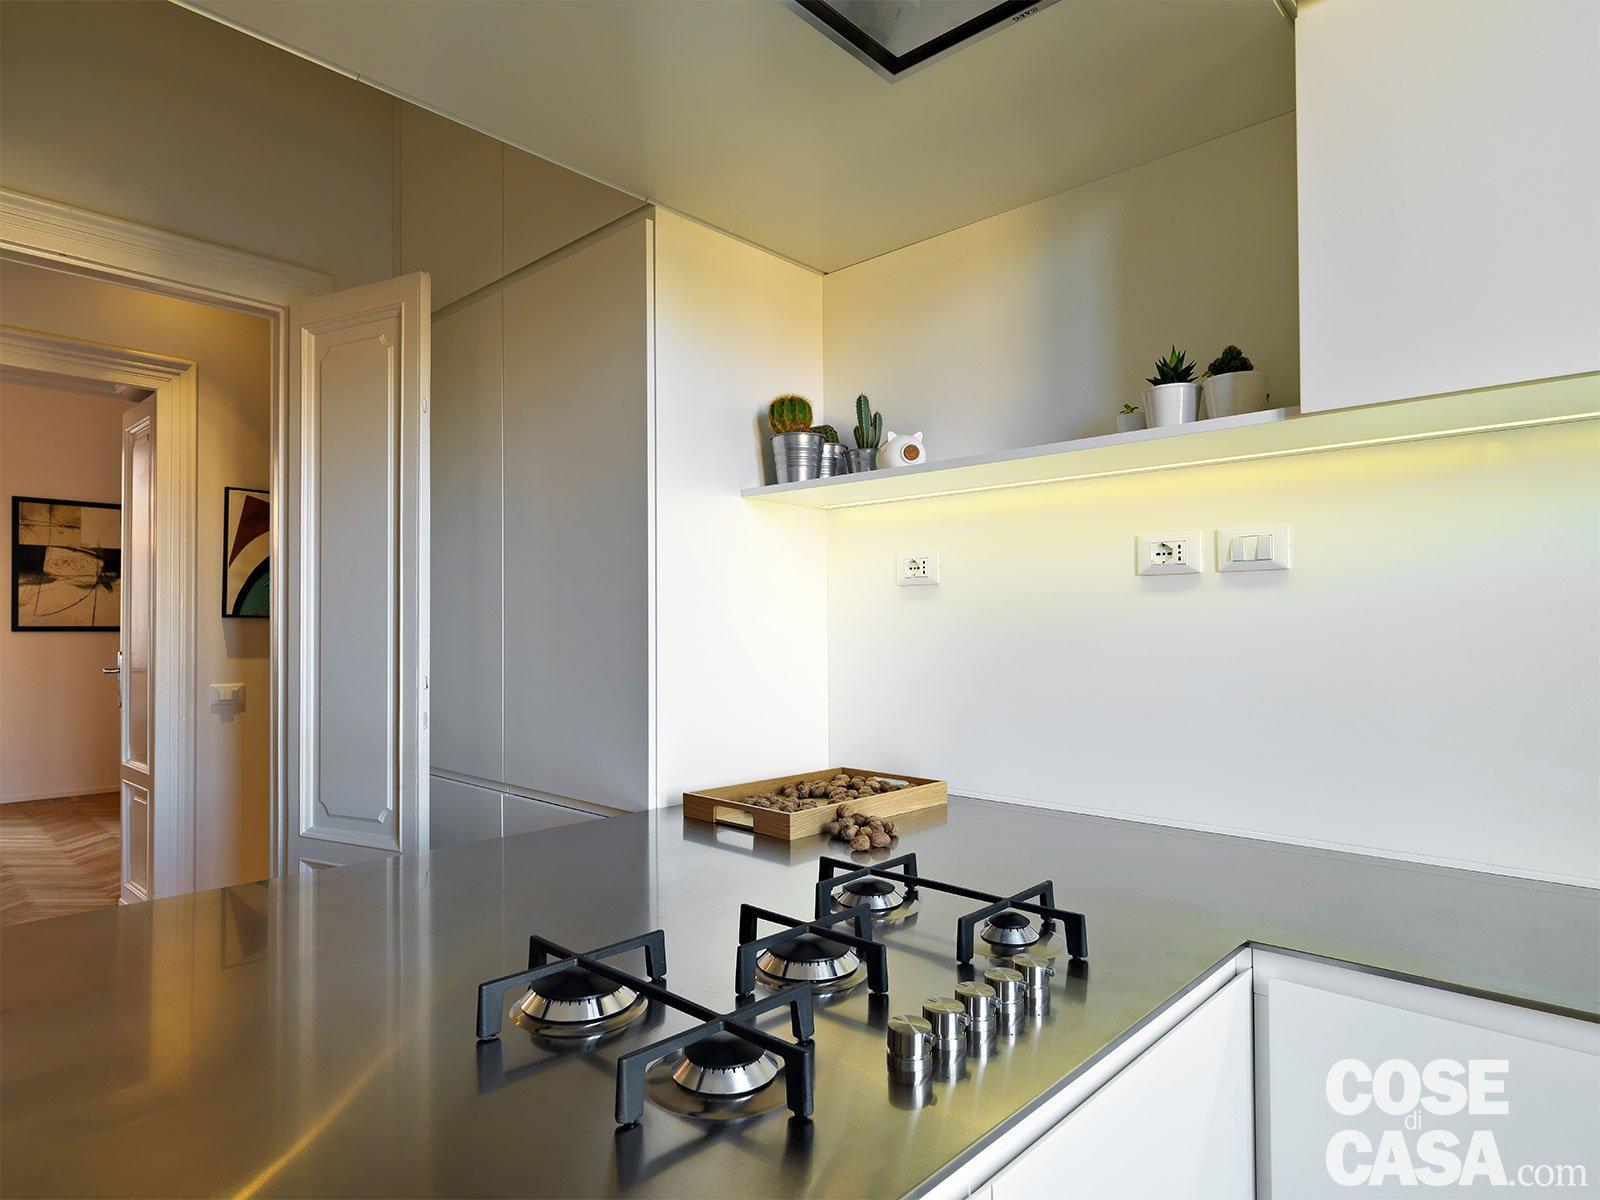 Mq con una parete in vetro per dividere soggiorno e corridoio